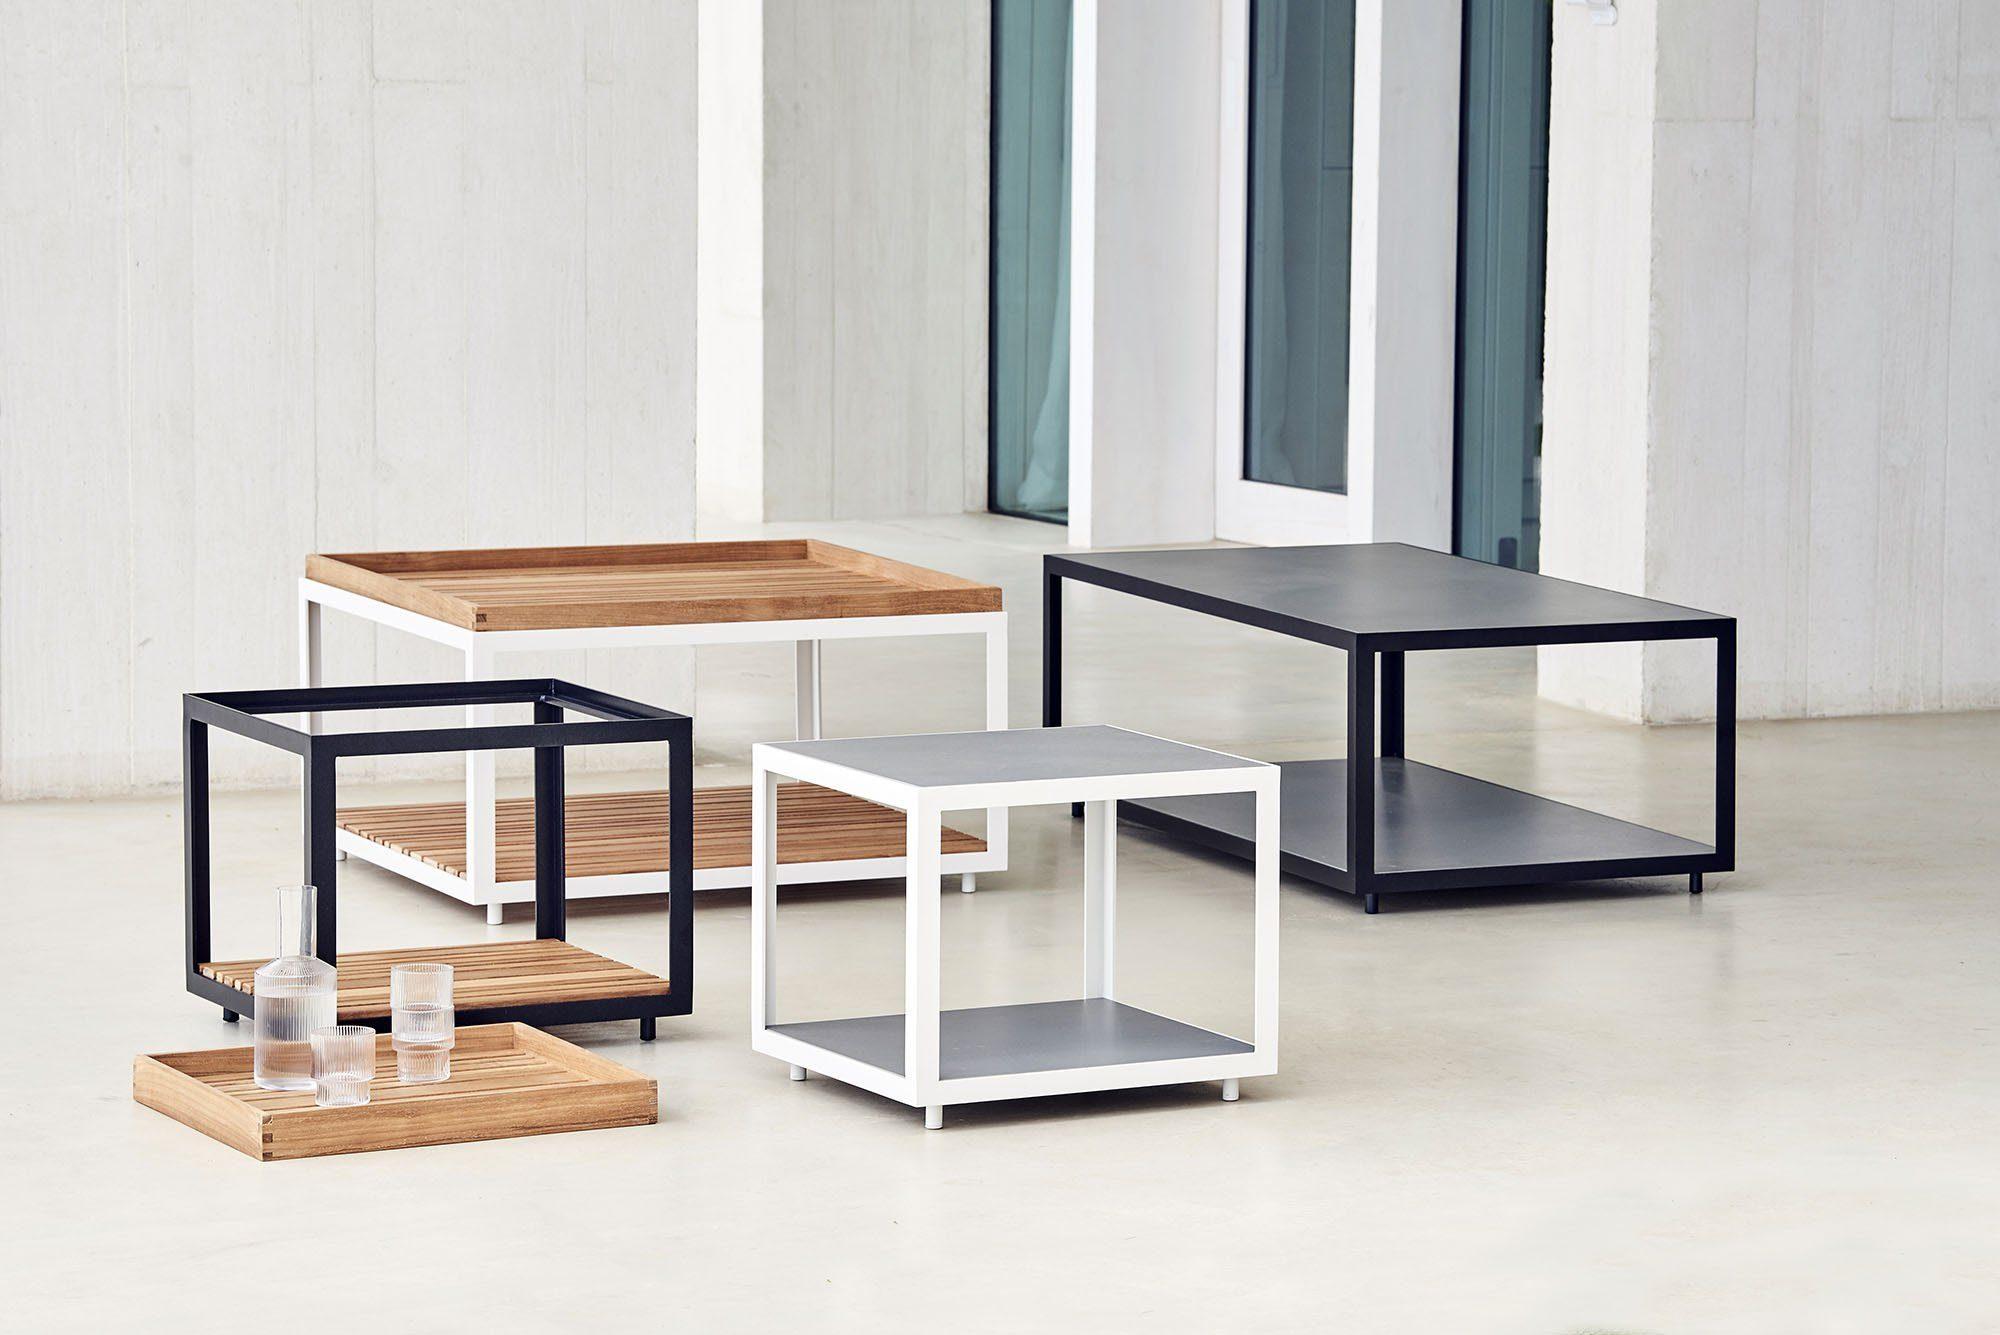 Level soffbord från Cane-Line i aluminium, teak och keramik.